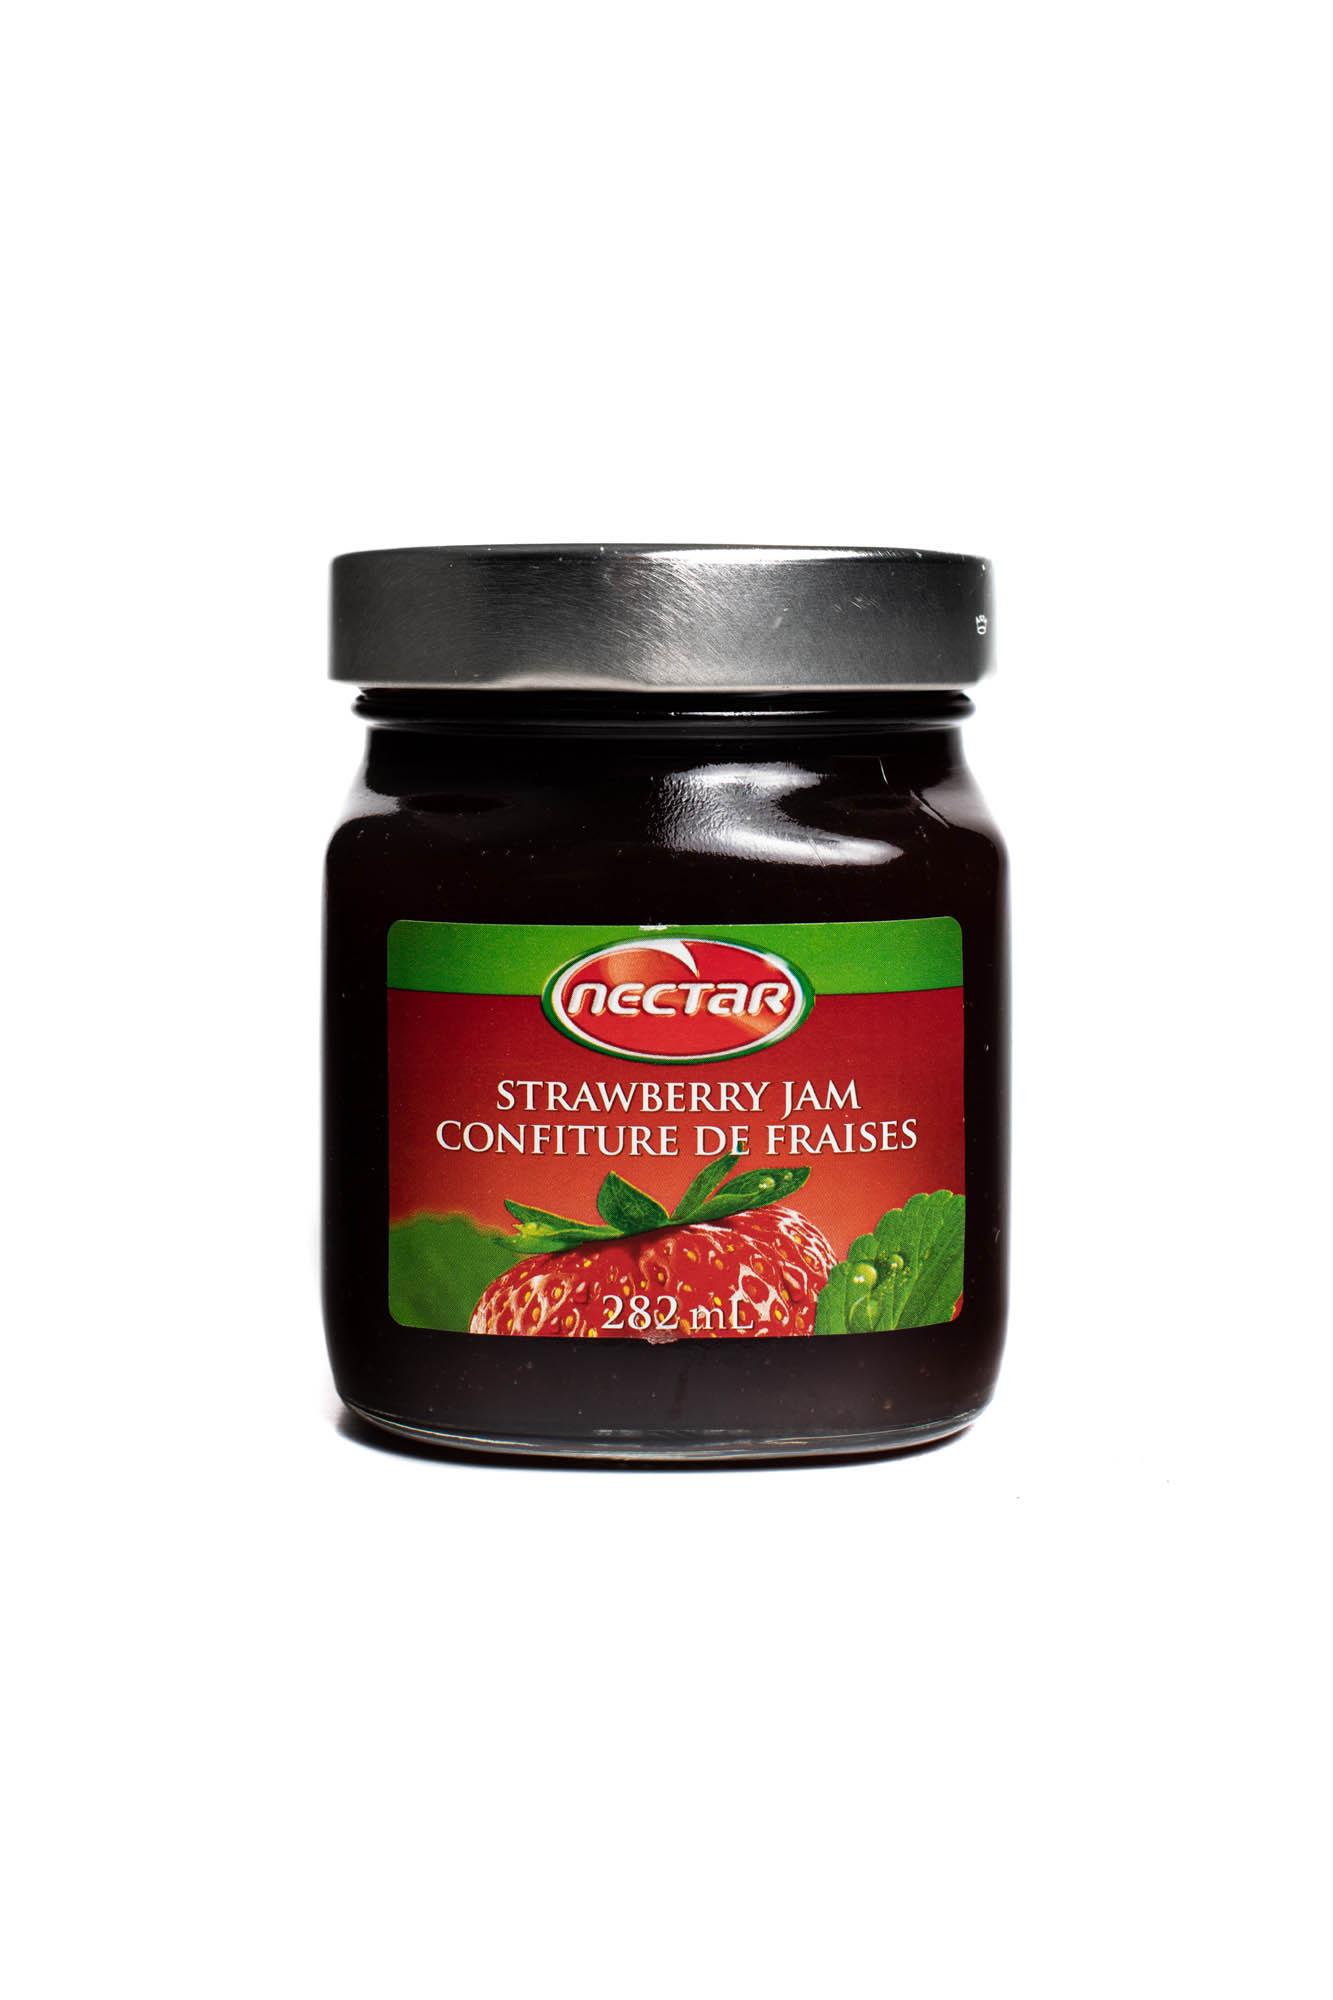 Nectar Jam | 282 ml | Strawberry